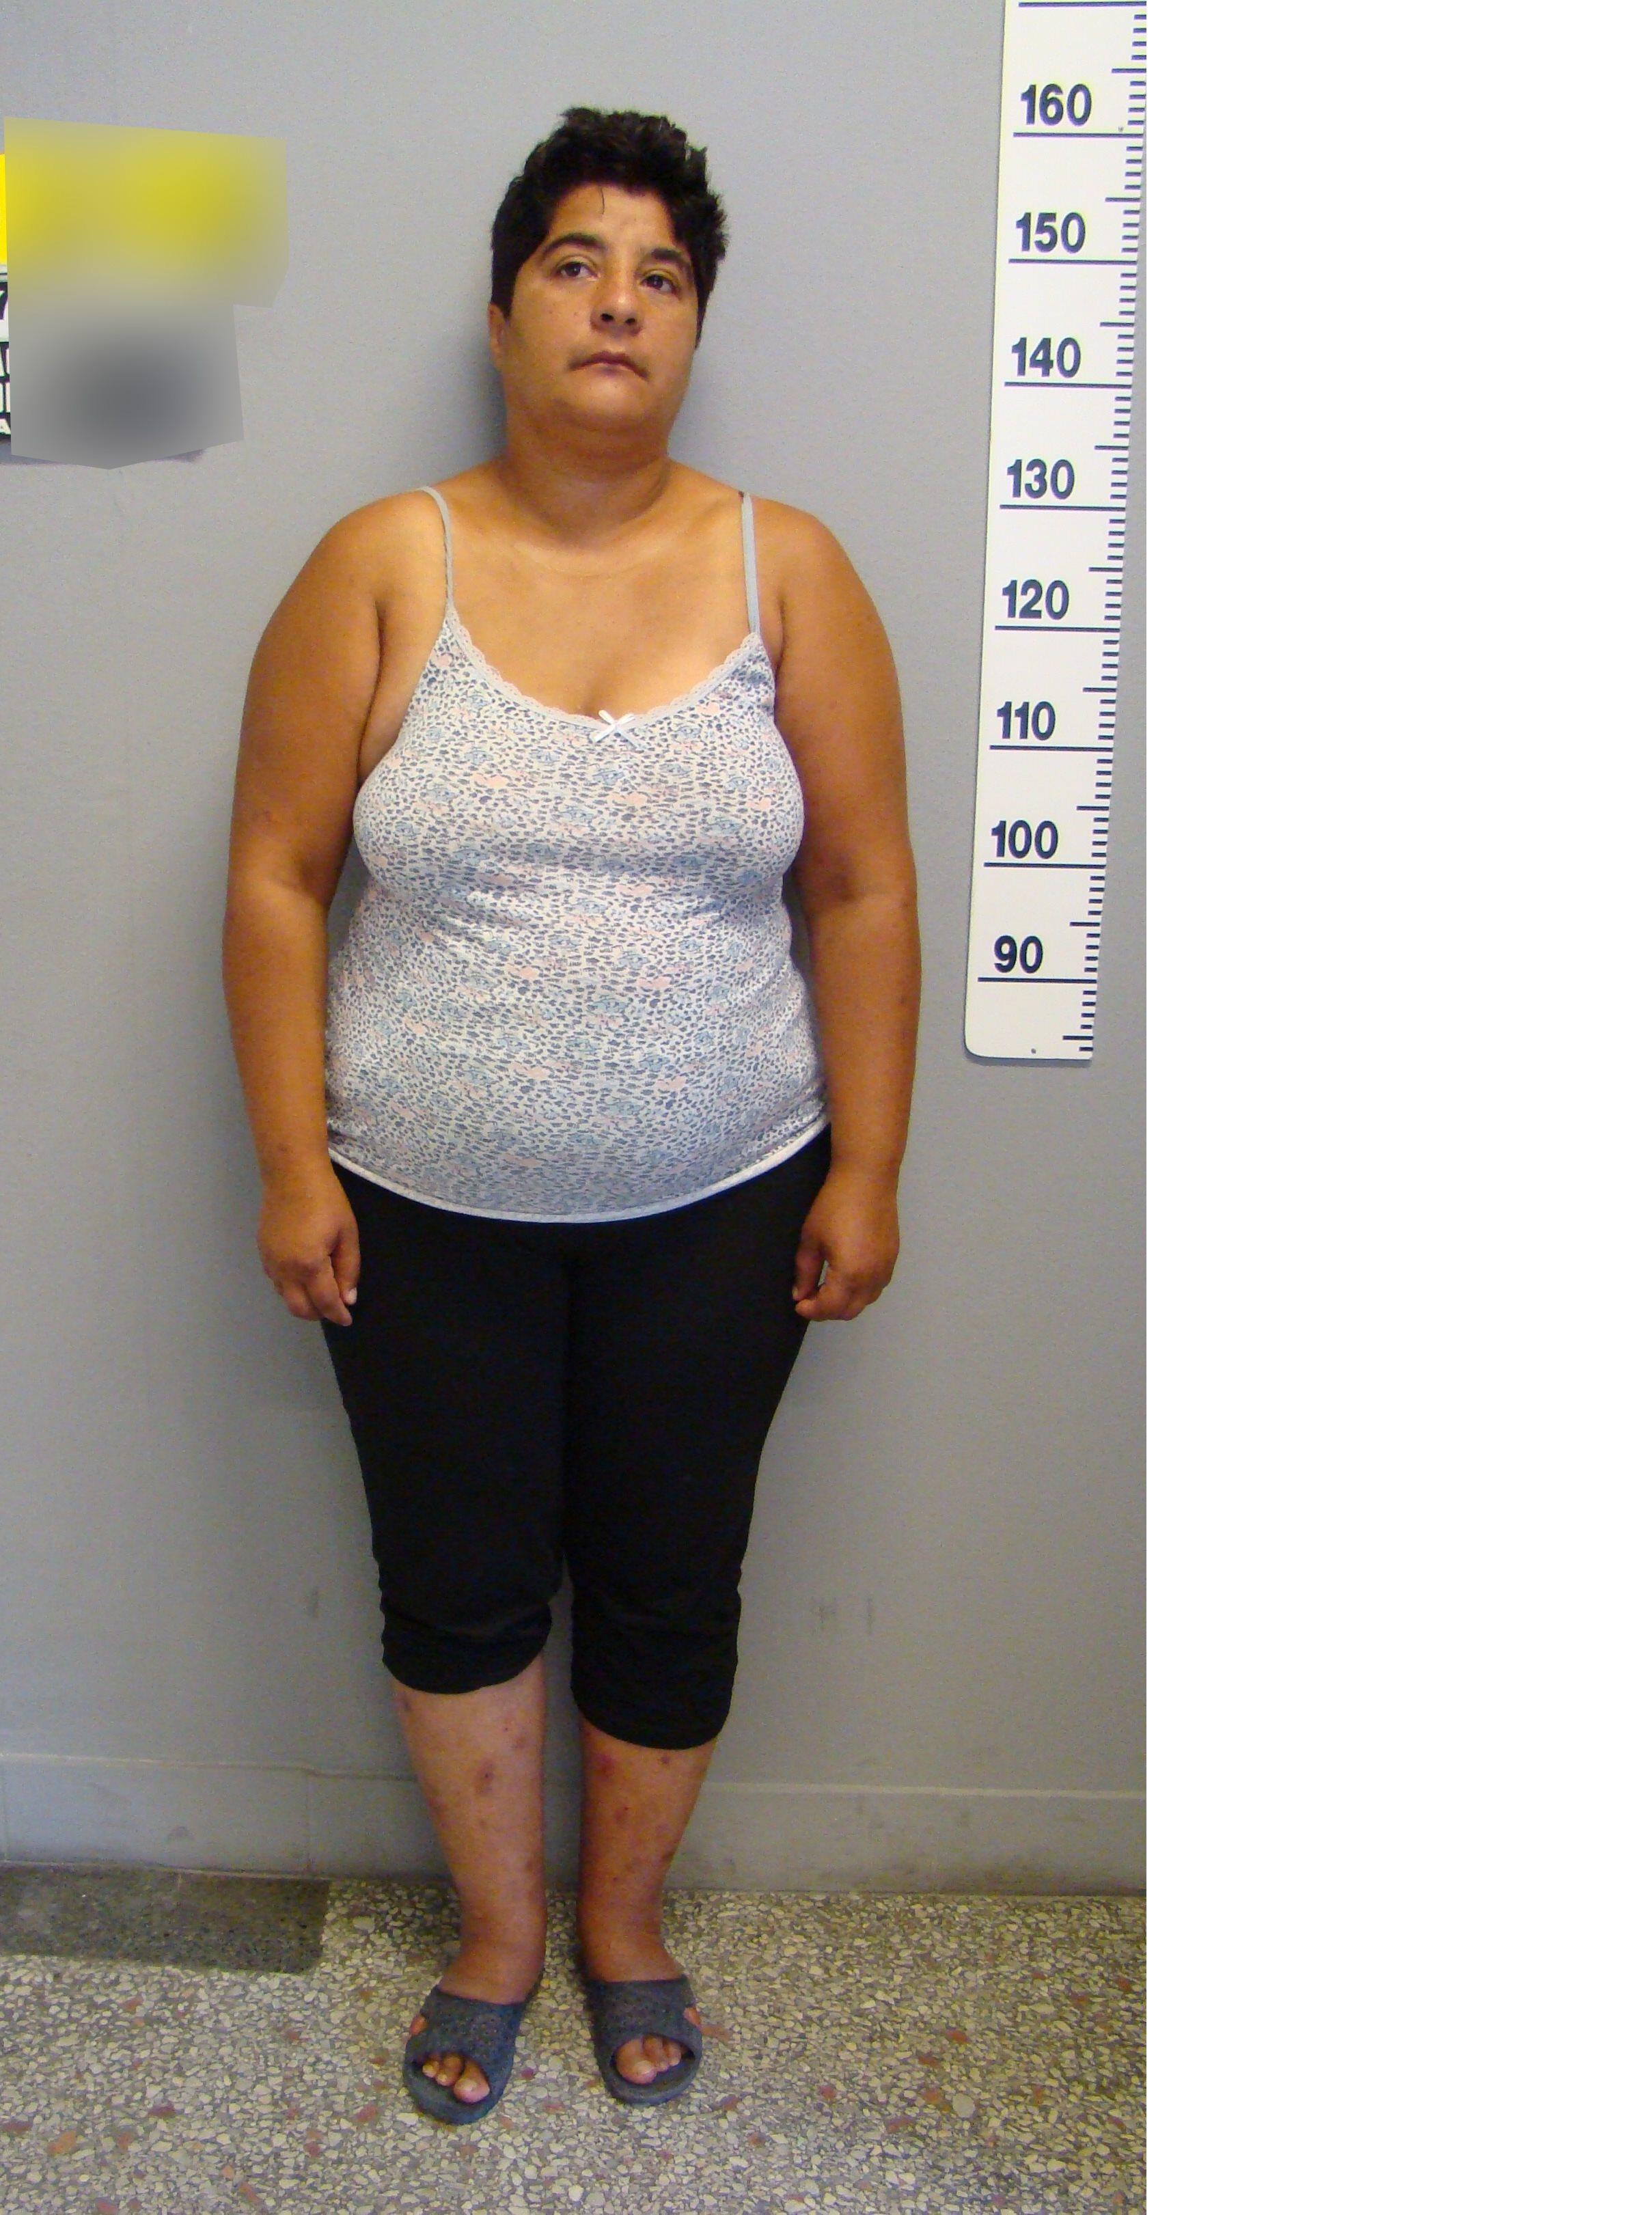 Αυτή είναι η γυναίκα που κατηγορείται για απάτη 120.000 ευρώ - Πώς την τσάκωσαν; (pics)